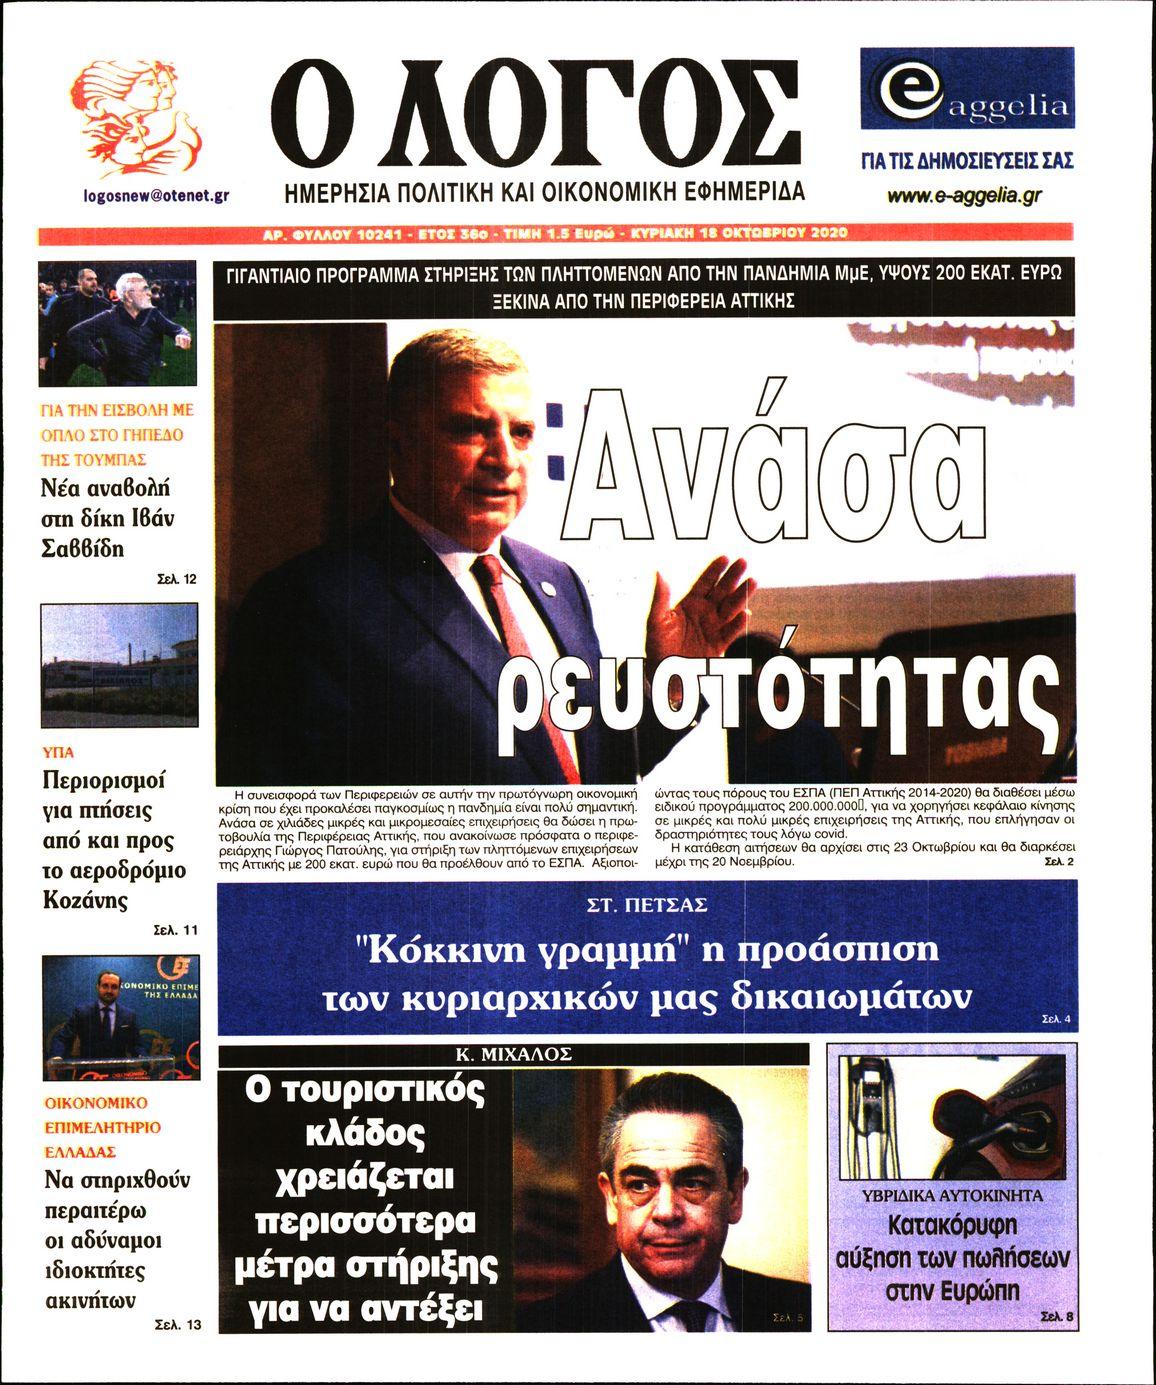 https://www.newsbeast.gr/files/1/newspapers/2020/10/18/27521687_186.jpg